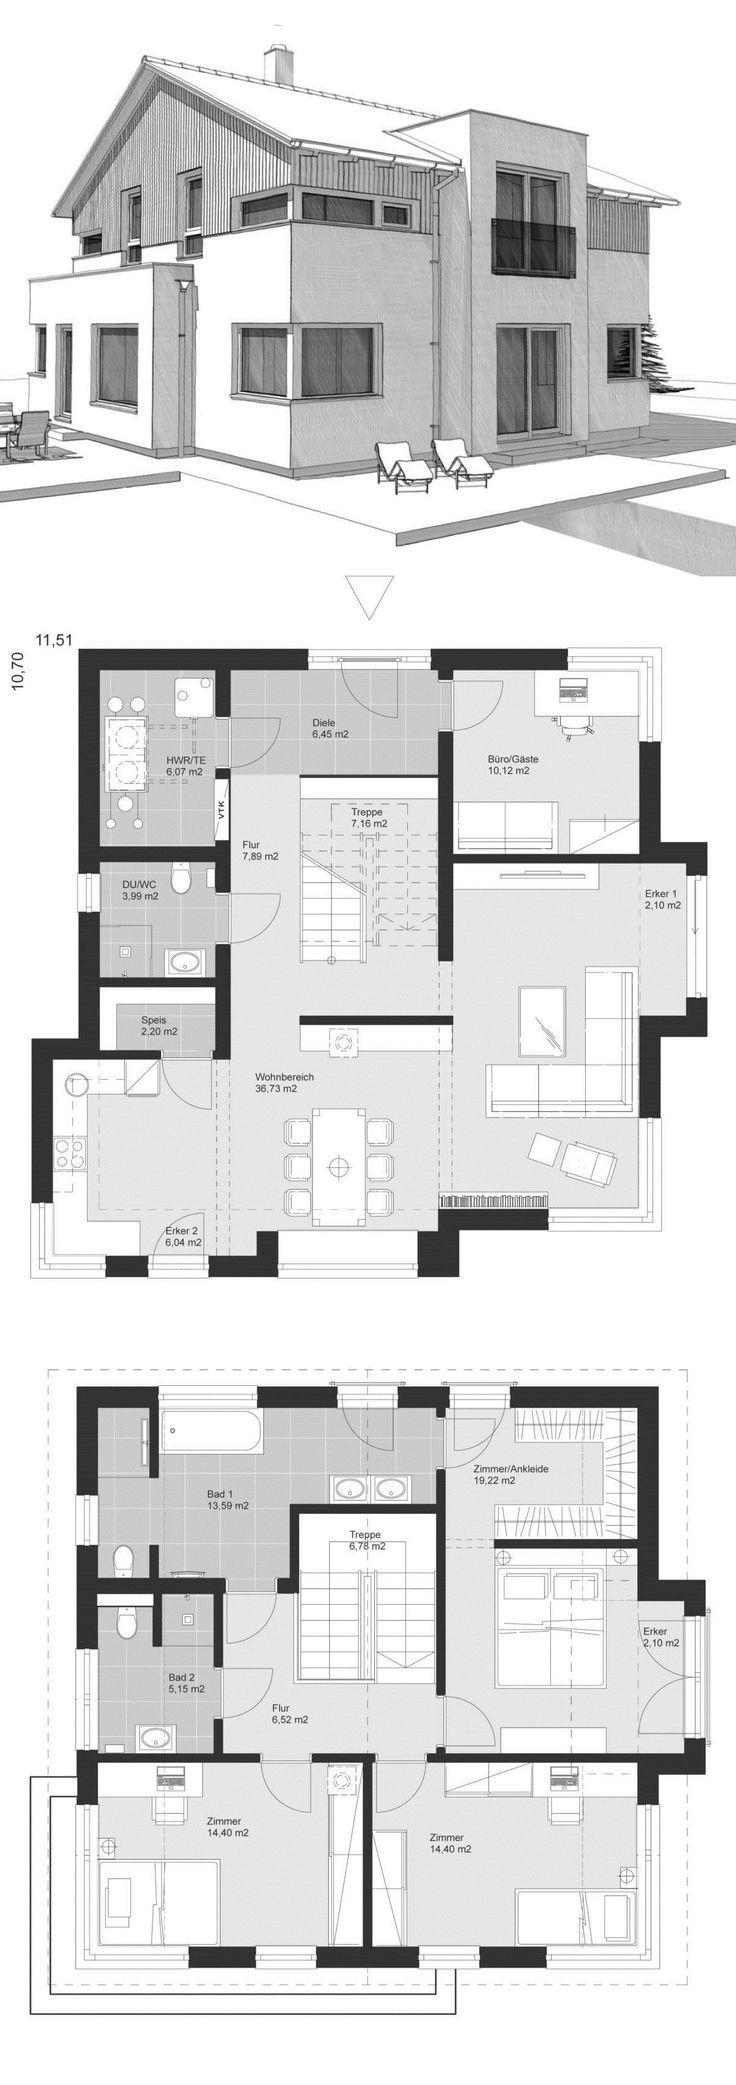 Einfamilienhaus Neubau im Landhausstil mit Satteldach Architektur, Holz Fassade … – HausbauDirekt